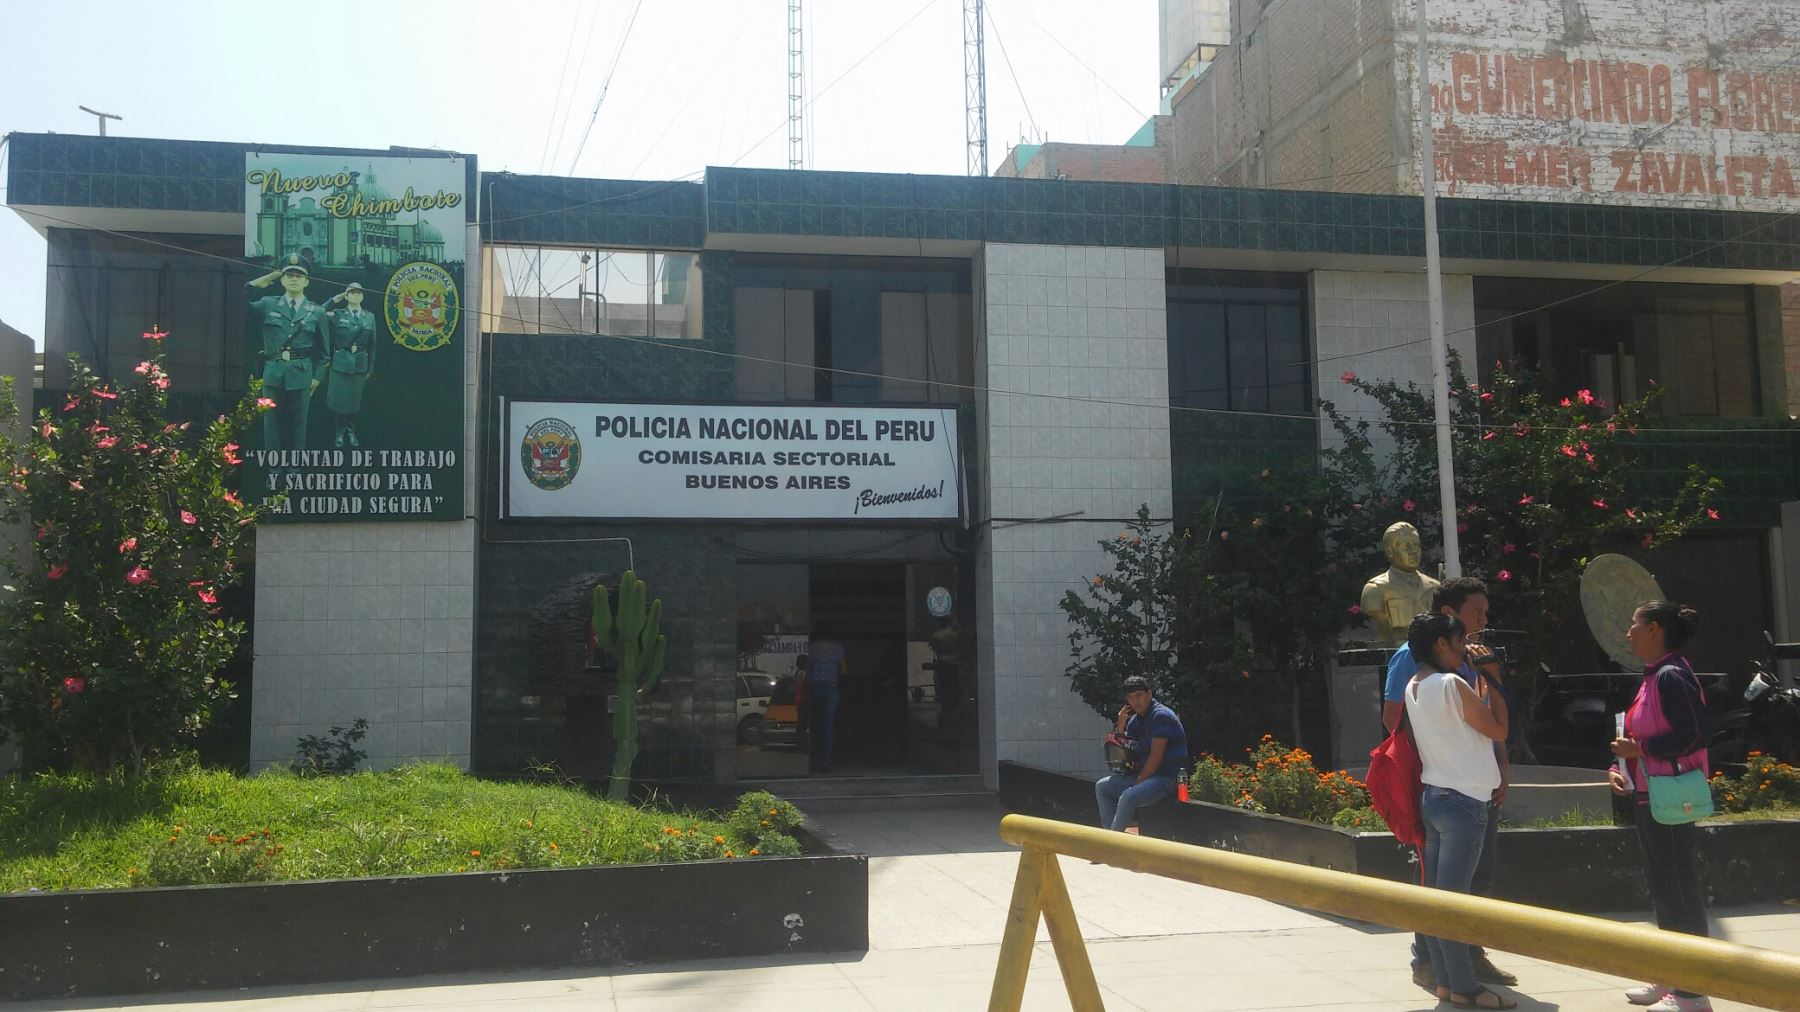 Ministerio del interior expresa profundo rechazo por for Ministerio del interior comisarias